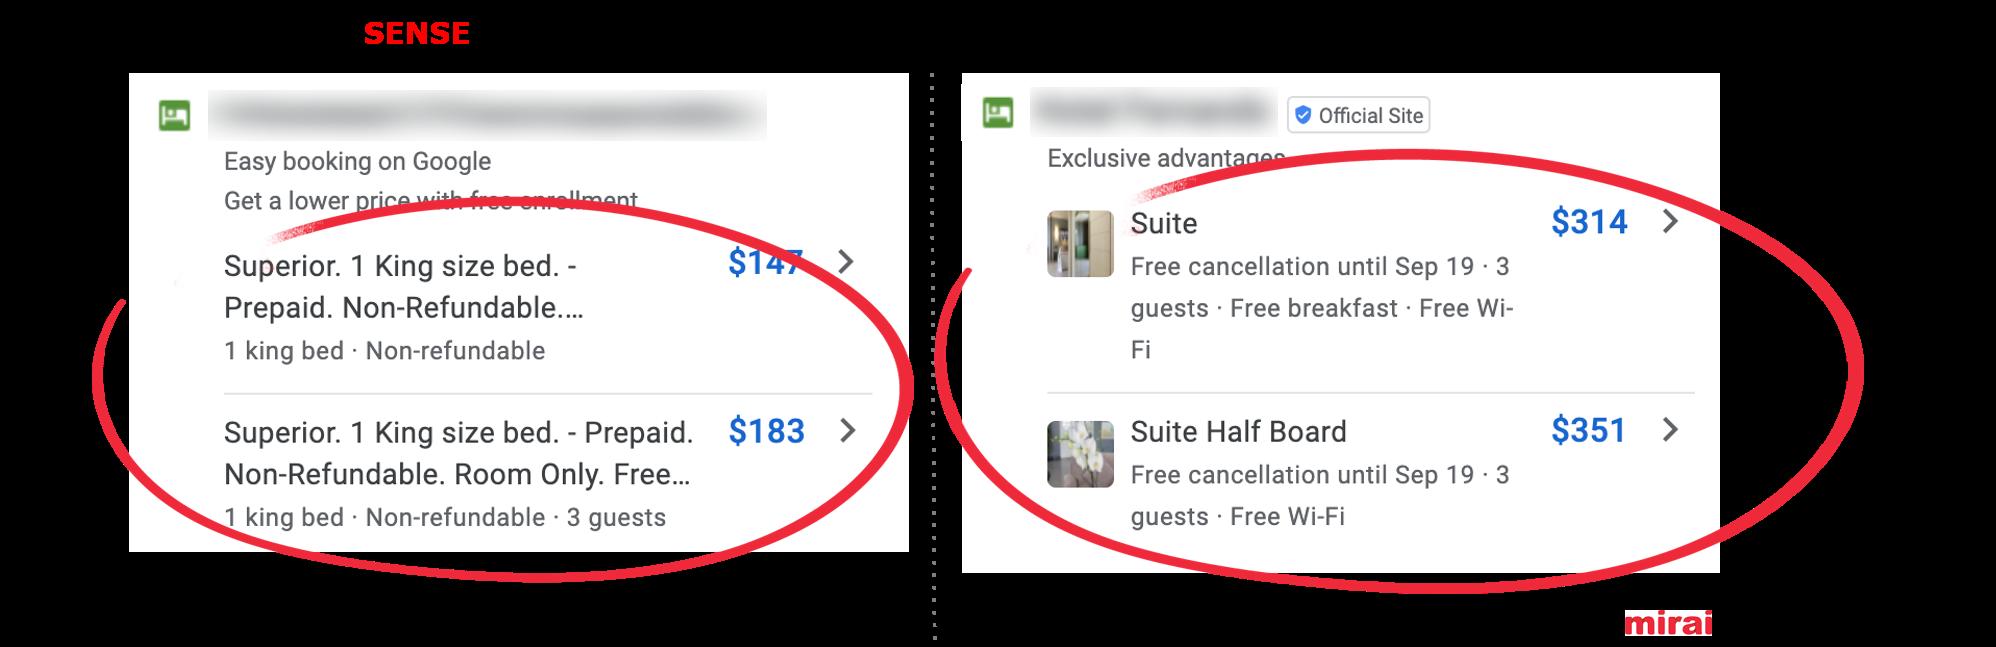 4. Fotos in Google Hotel Ads - Mirai